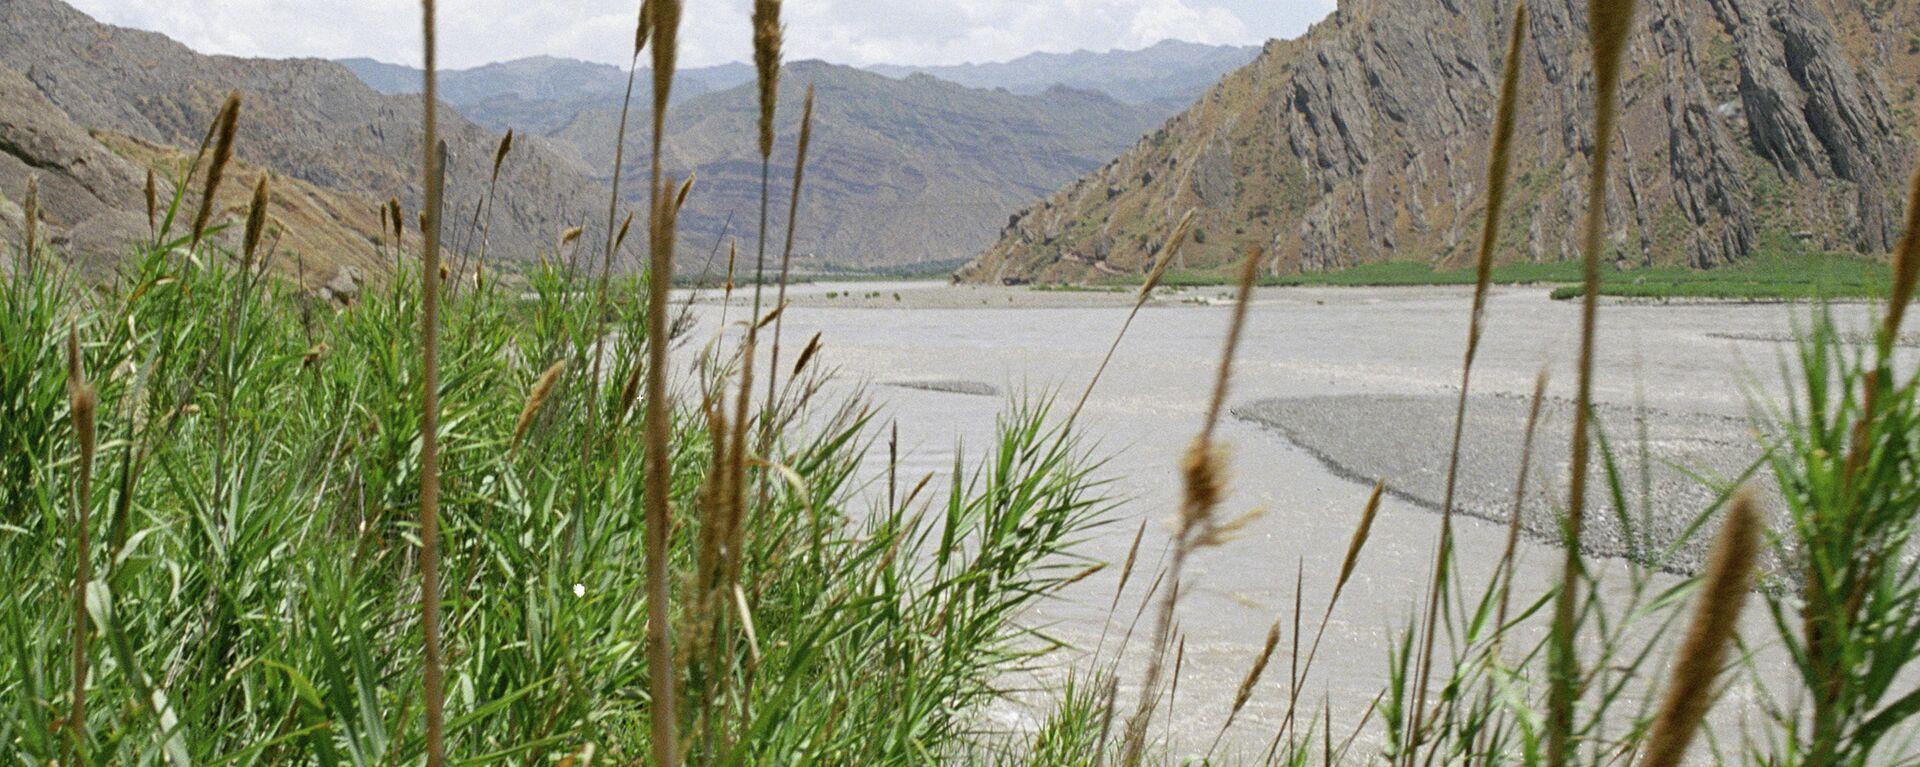 Пограничная с Афганистаном река Пяндж. Архивное фото. - Sputnik Таджикистан, 1920, 28.04.2021